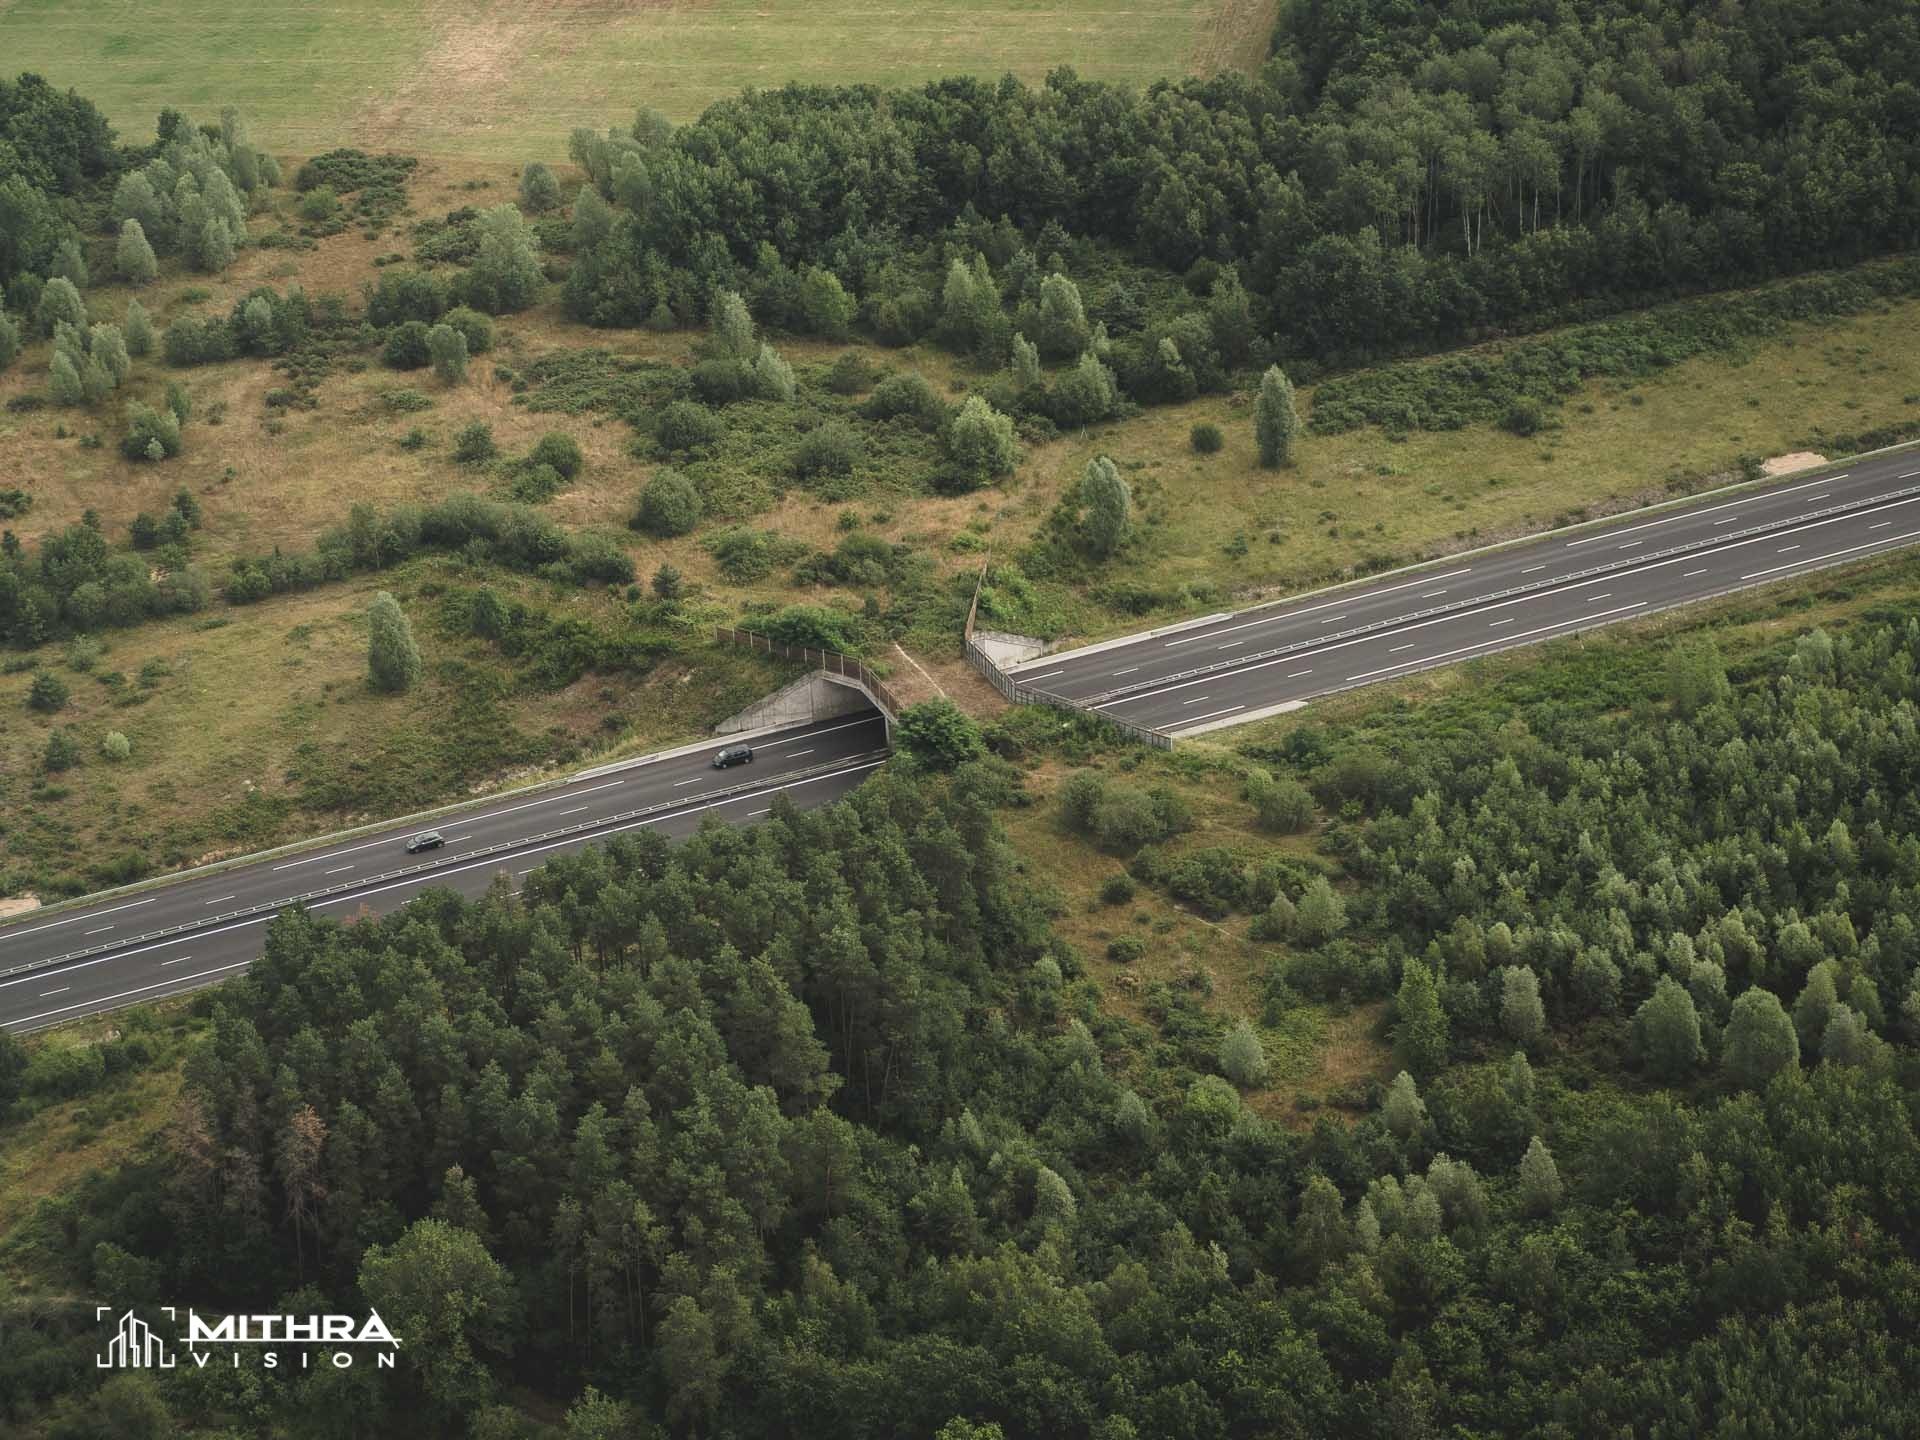 Eco-pont permettant le passage de la faune au-dessus de l'autoroute